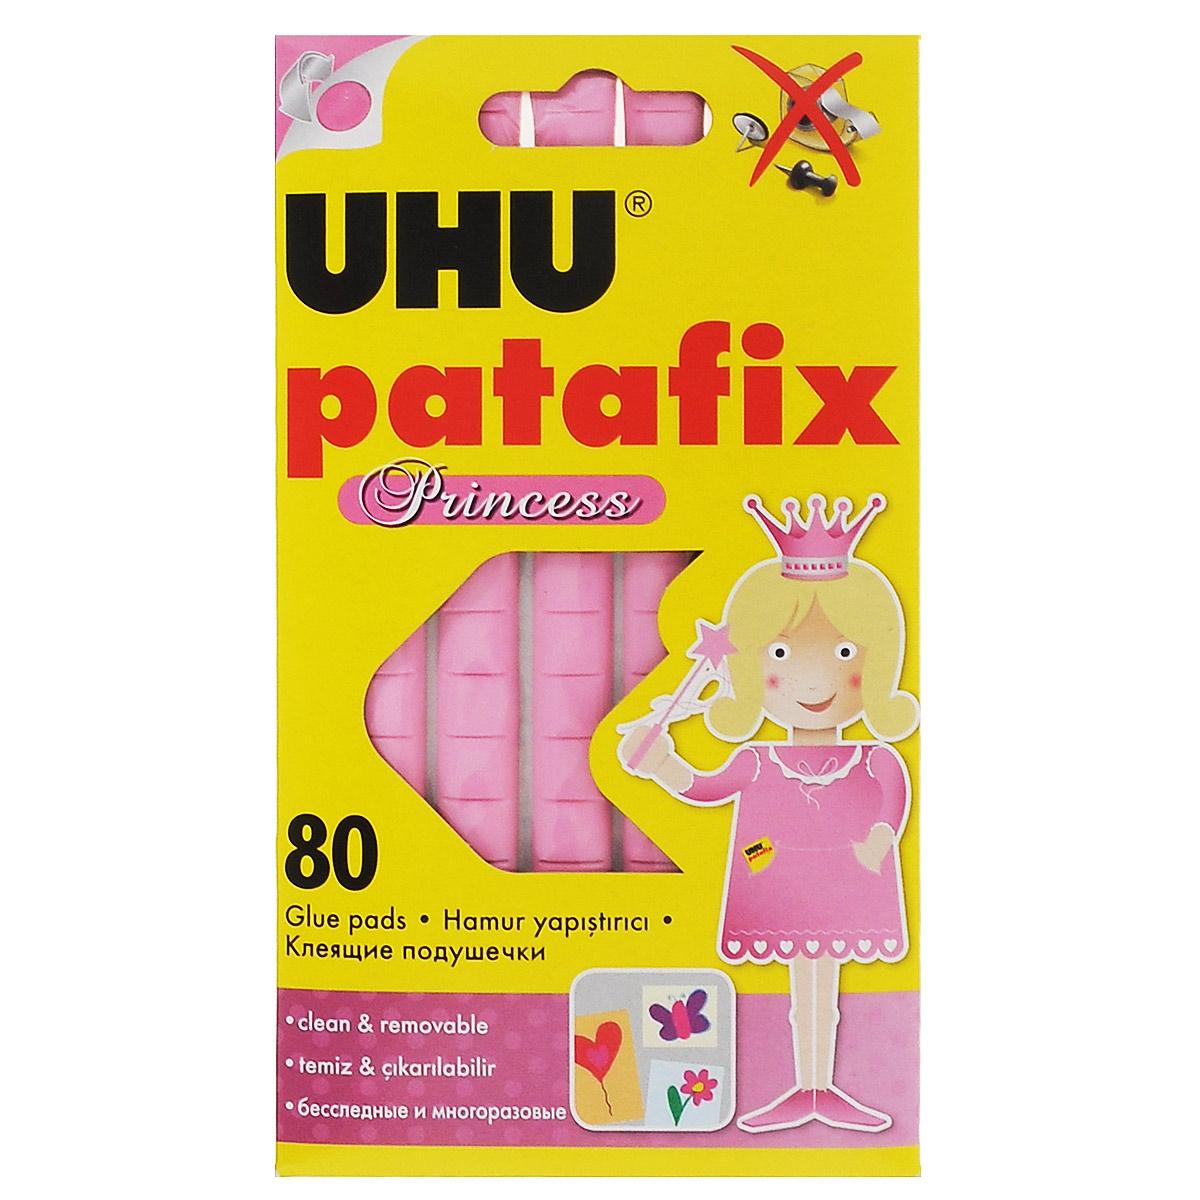 Клеевые подушечки UHU Patafix. Princess, цвет: розовый, 80 шт41710Специальные подушечки UHU Patafix. Princess предназначены для быстрой и чистой фиксации рисунков, фотографий, постеров и других лекгих вещей на различных поверхностях, таких как стены, двери, мебель. Не оставляют следов. Многоразовые. Могут использоваться в дом е, детском саду или школе. Рекомендовано детям старше трех лет.